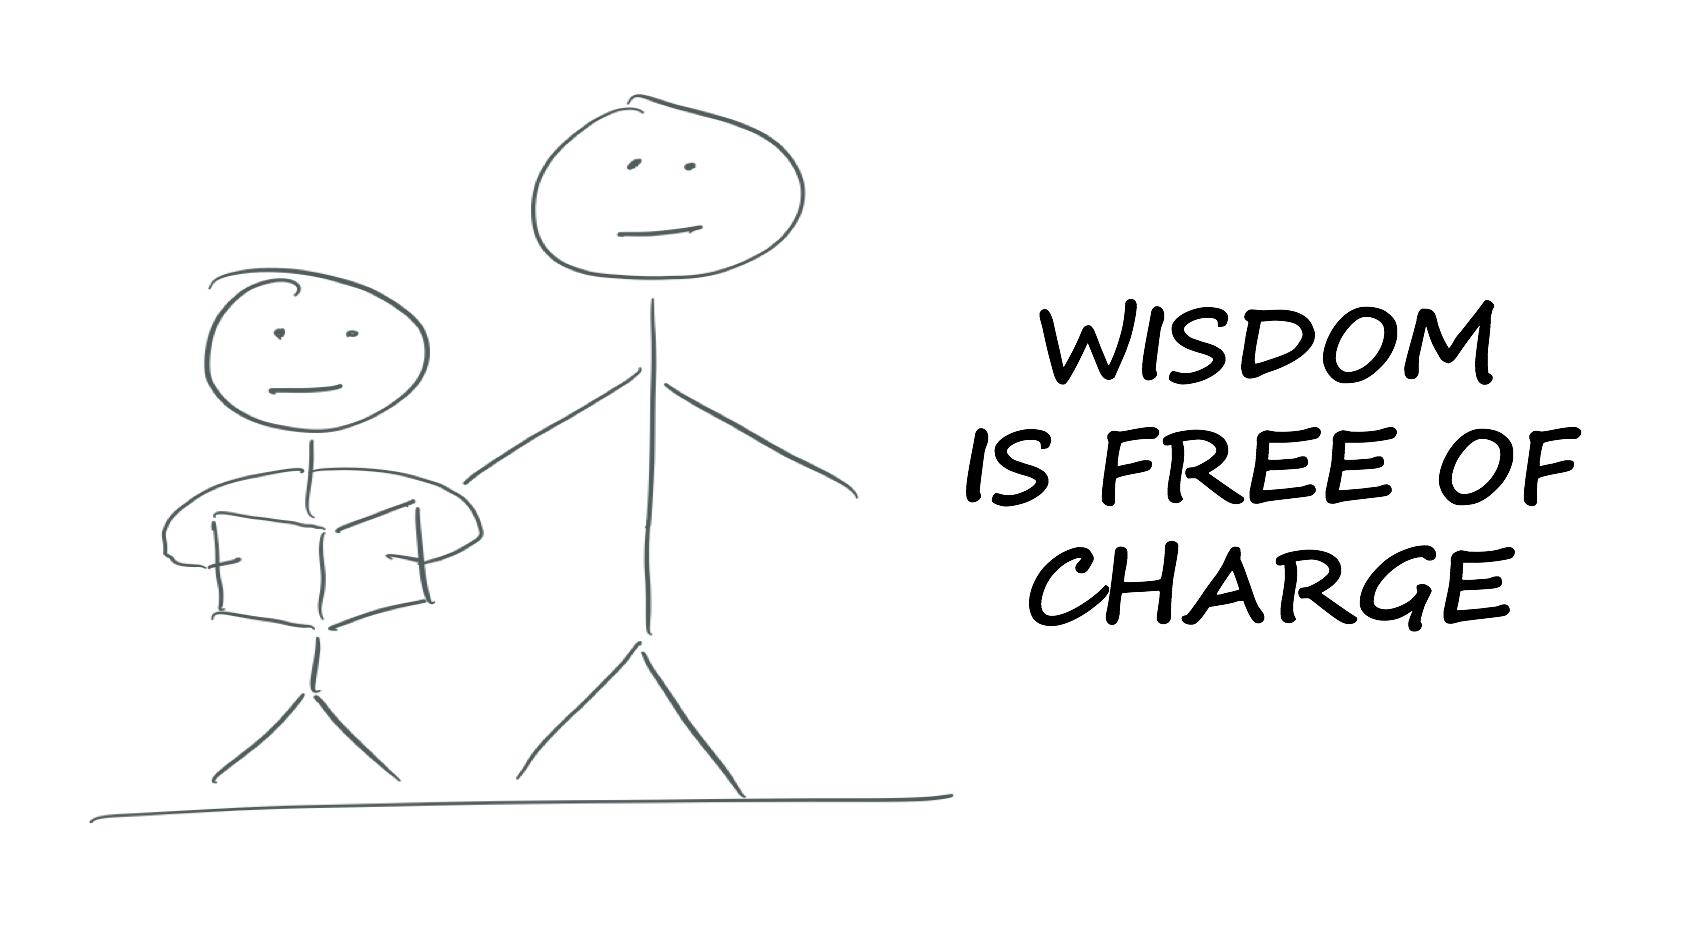 wisdom-is-free